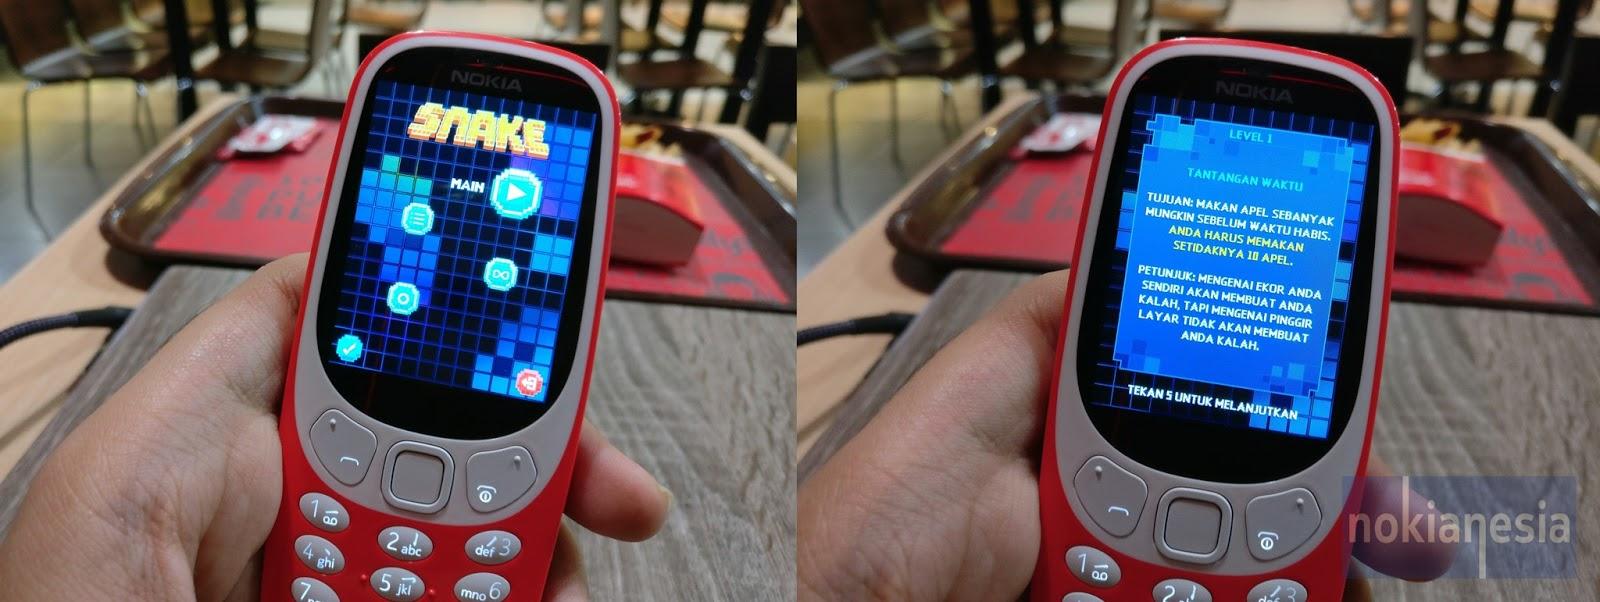 Hands On Review Nokia 3310 2017 Reborn Nokianesia Asha 310 Dual Sim Resmi White Dan Yang Pasti Satu Permainan Eksklusif Di Snake Dibuat Oleh Gameloft Diberi Sentuhan Modern Dengan Mode